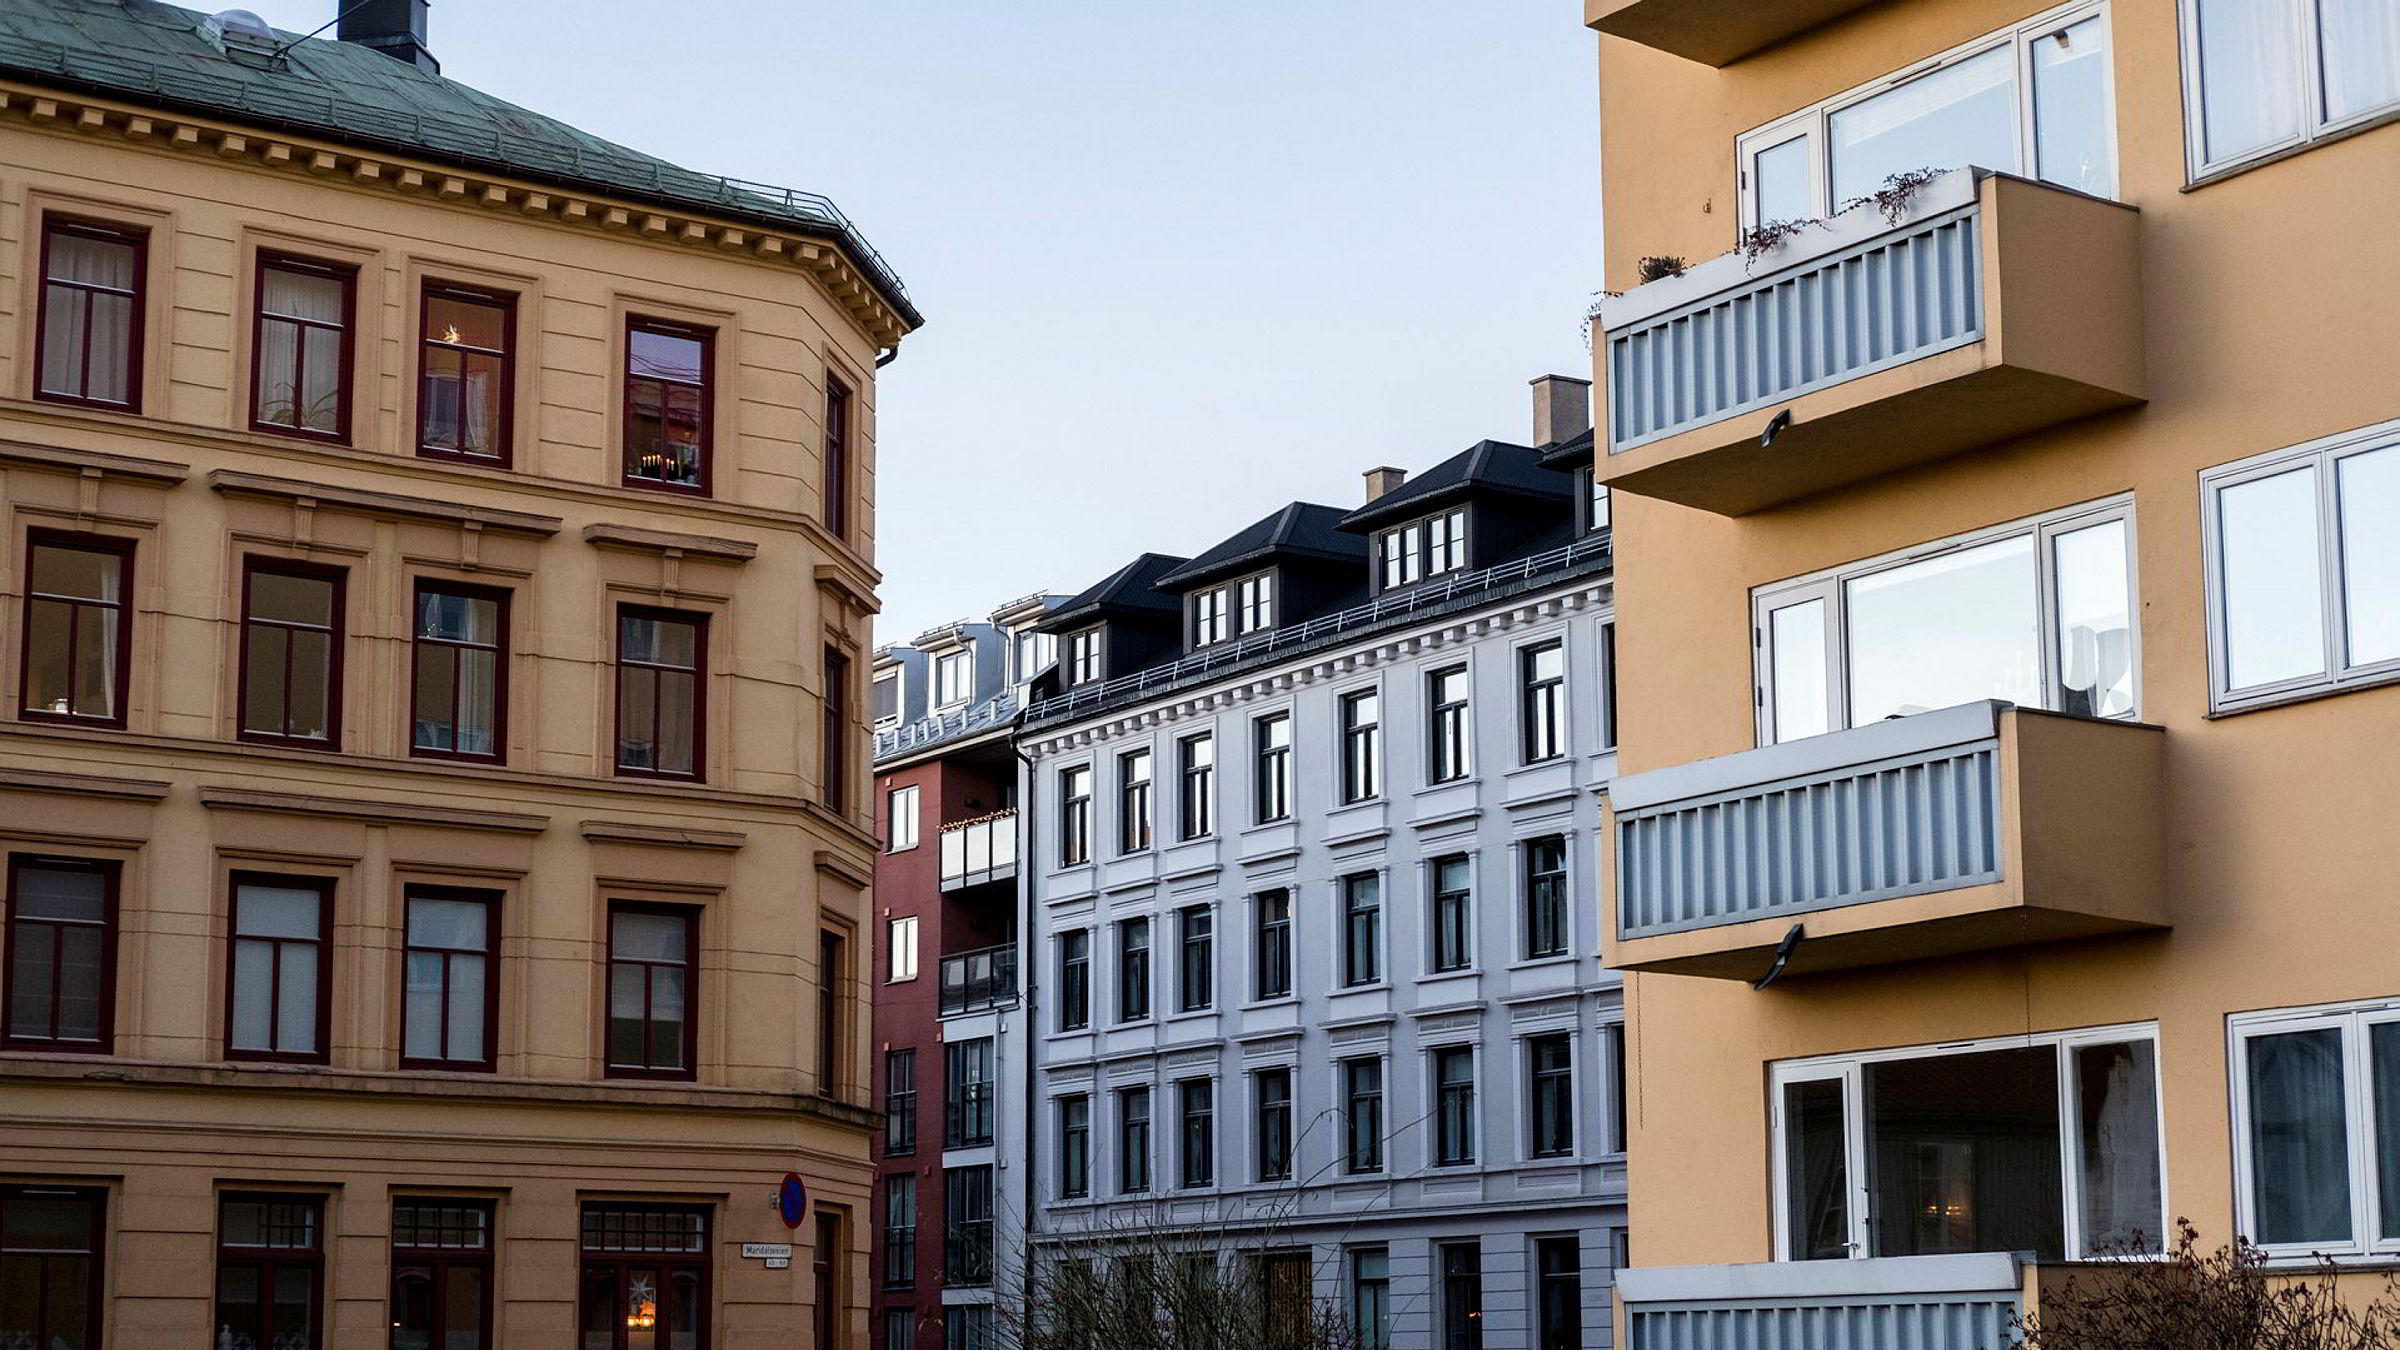 Det bør det tas politiske grep som senker terskelen til boligmarkedet, mener Carl O. Geving, administrerende direktør i Norges Eiendomsmeglerforbund.